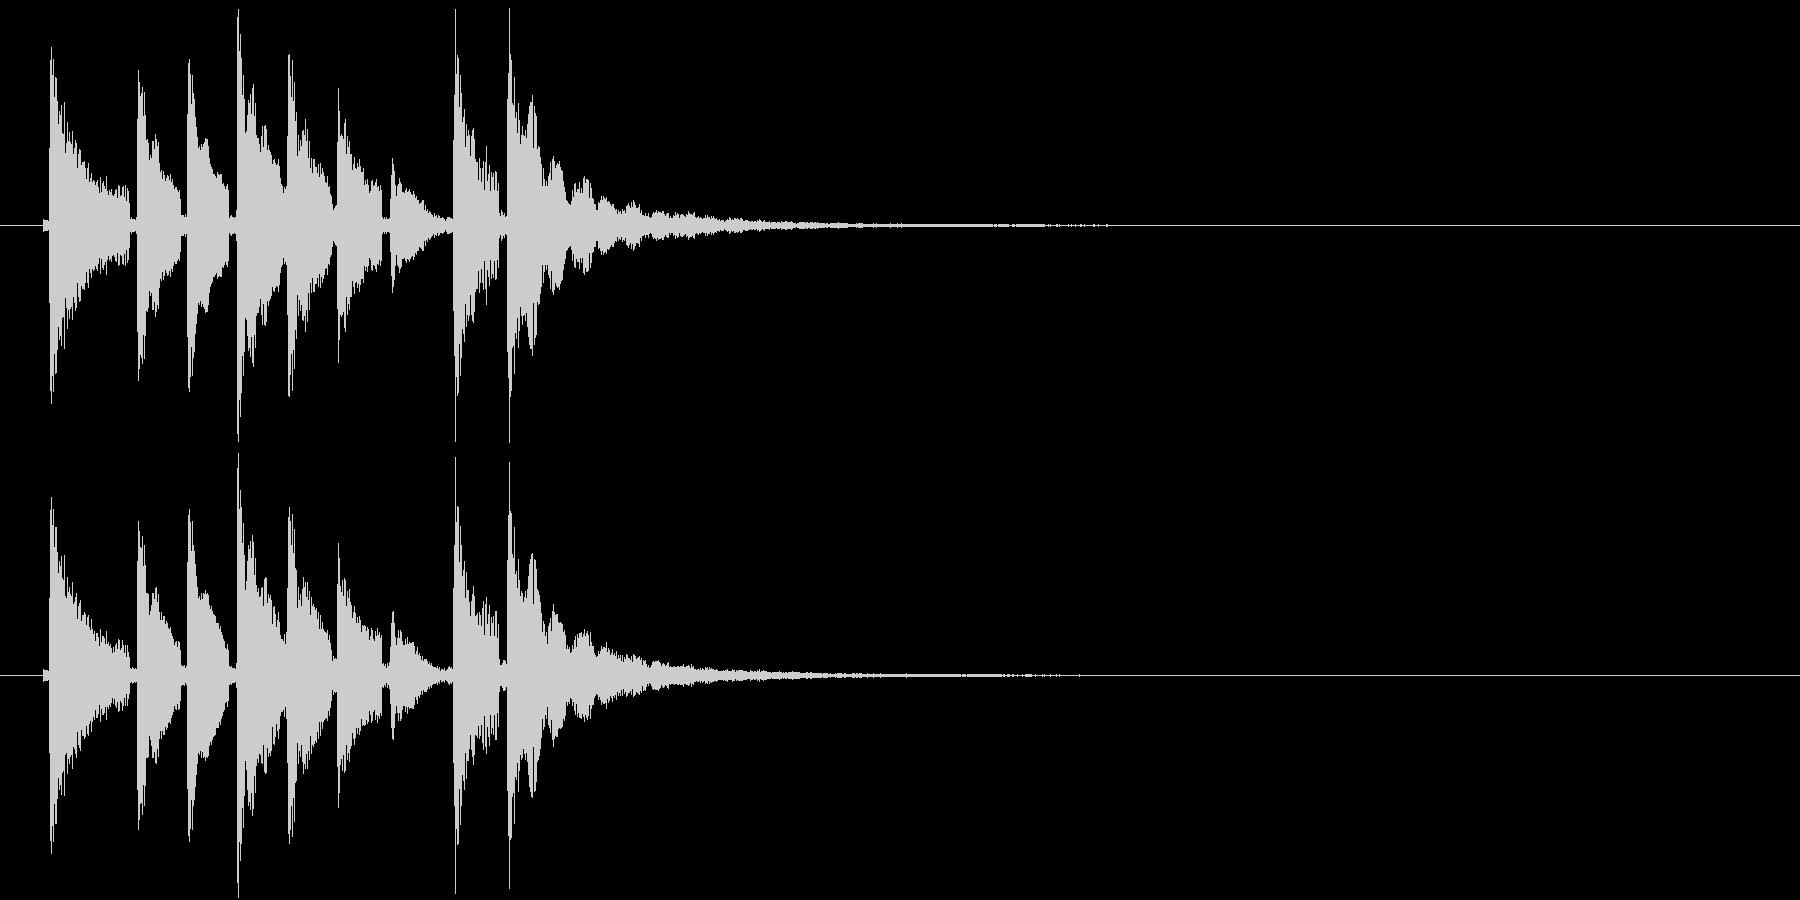 和風効果音 三味線(鳴り物なし)の未再生の波形